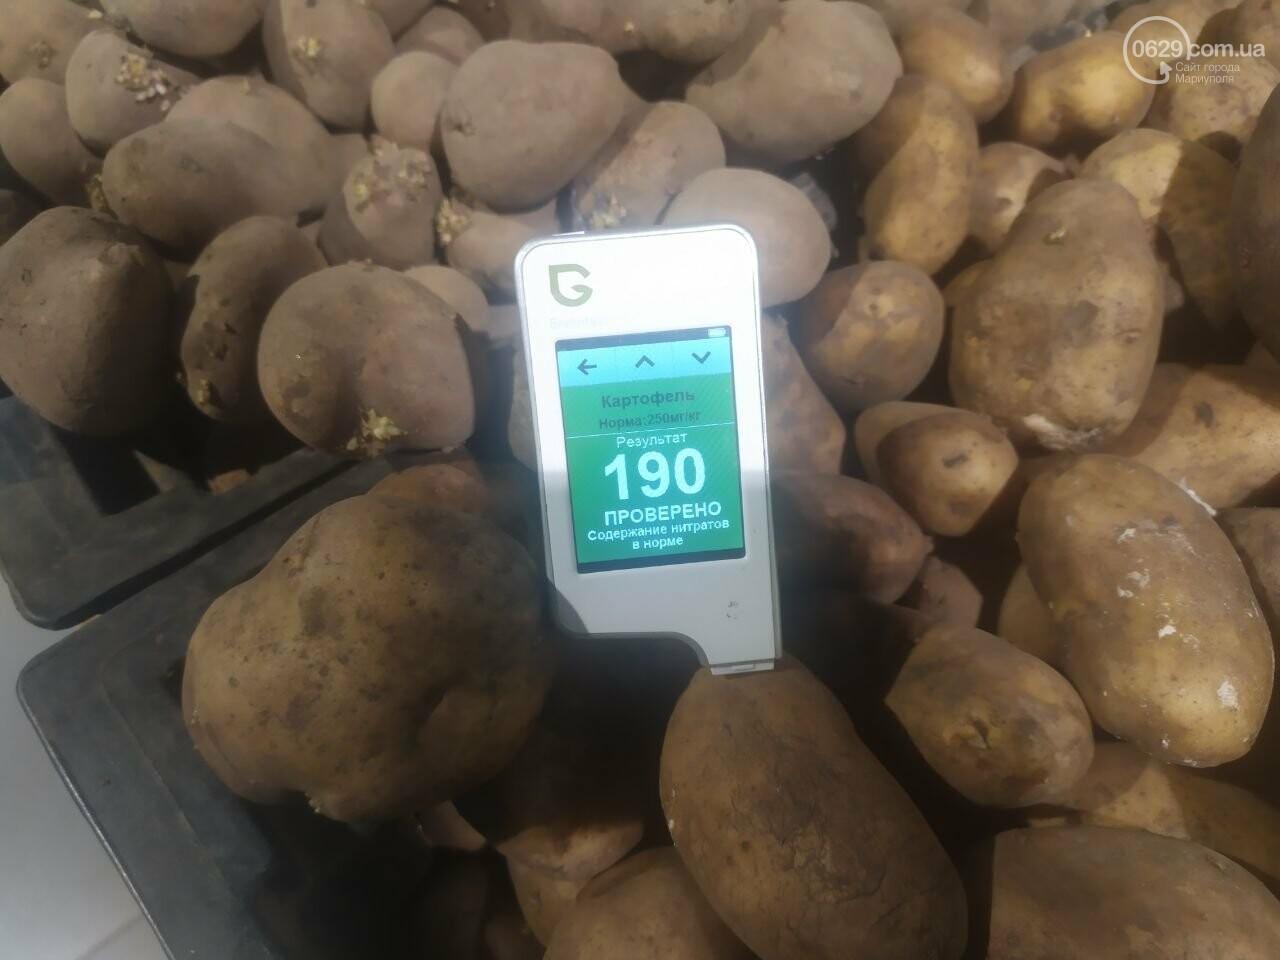 Опасна ли картошка, которую продают в Мариуполе, фото-7